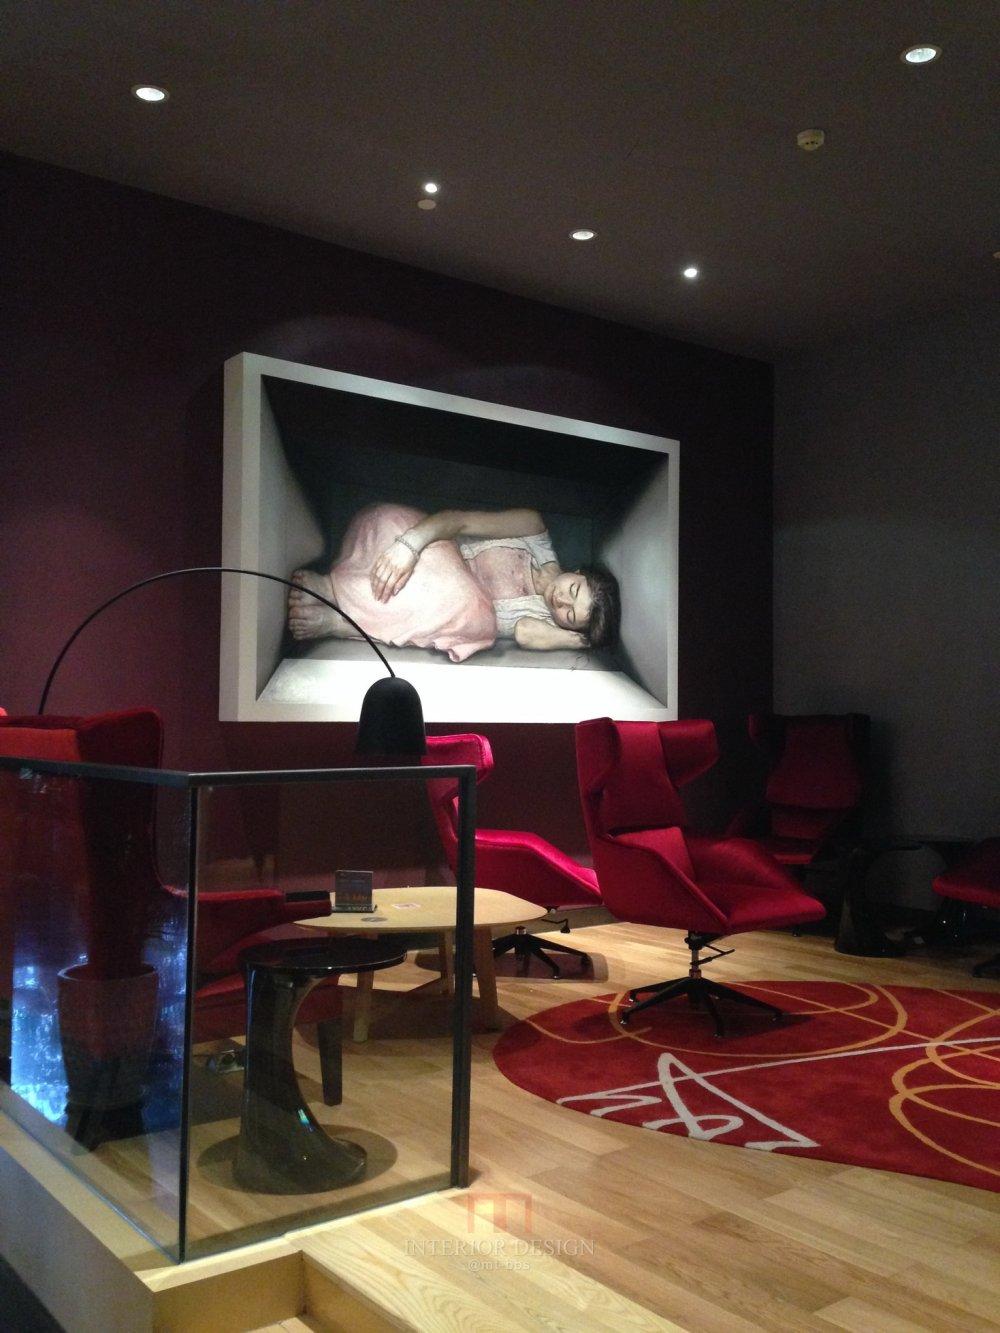 广州大学城雅乐轩酒店ALOFT GUANGZHOU UNIVERSITY PARK自拍分享_IMG_2712.JPG